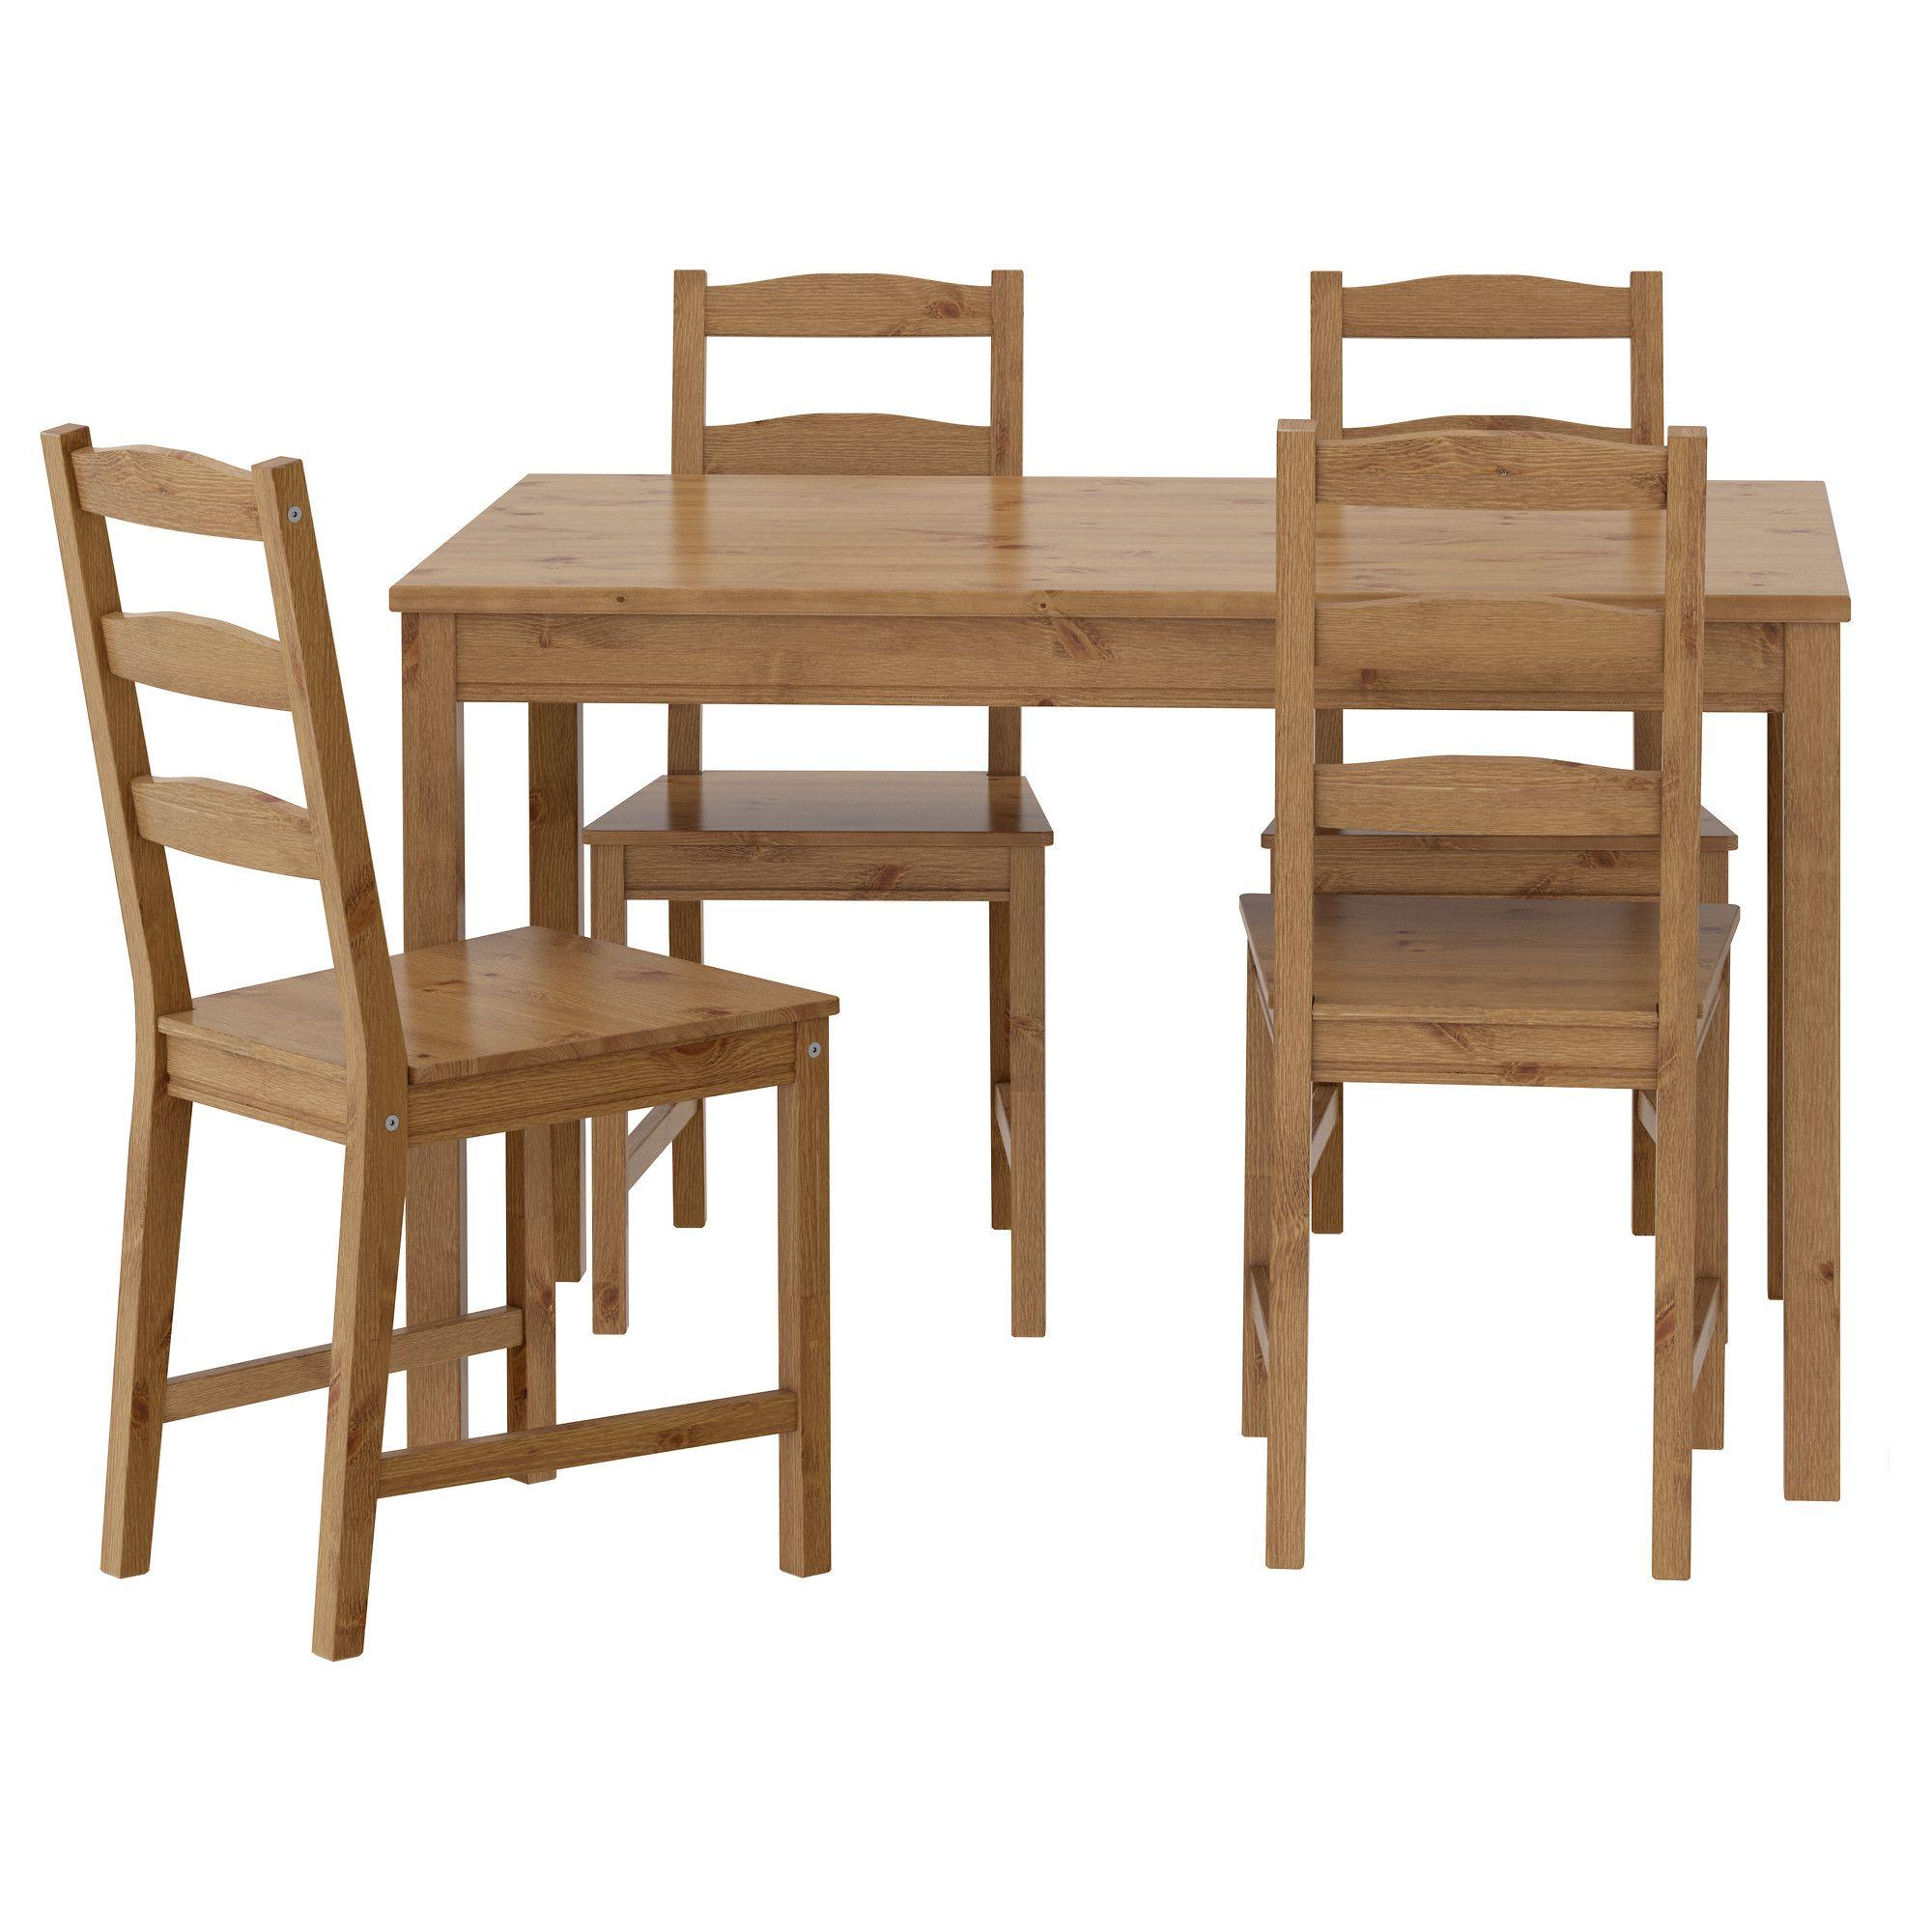 Grenen Tafelblad Ikea.Jokkmokk Tafel En 4 Stoelen Antiekbeits Eettafel